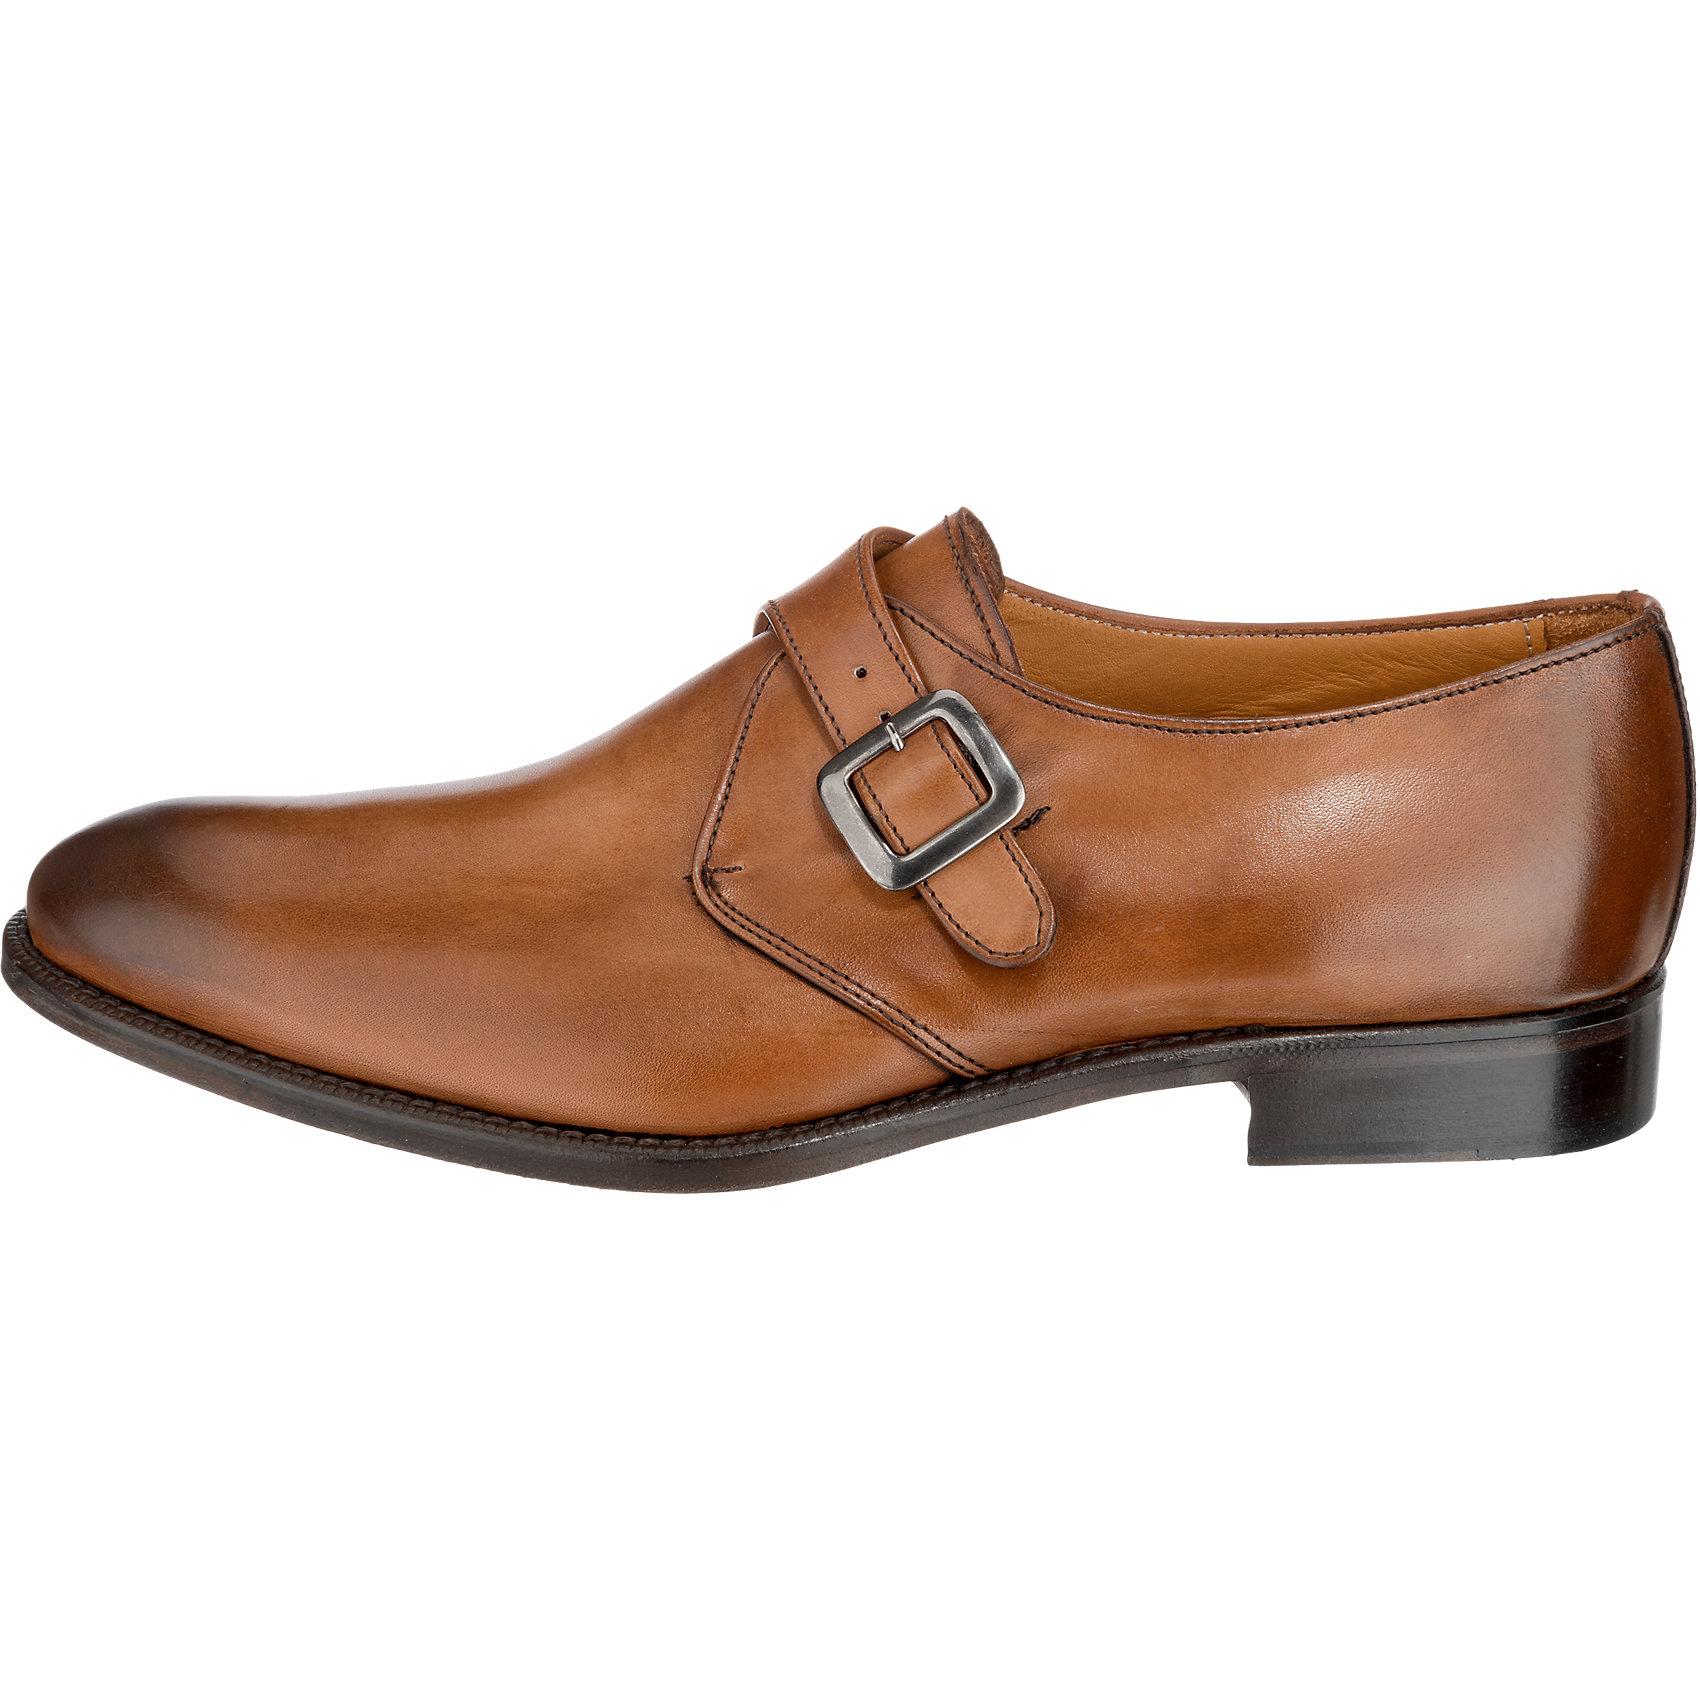 Neu ANTICA ANTICA ANTICA CUOIERIA Business Schuhe cognac 5770163 53e565